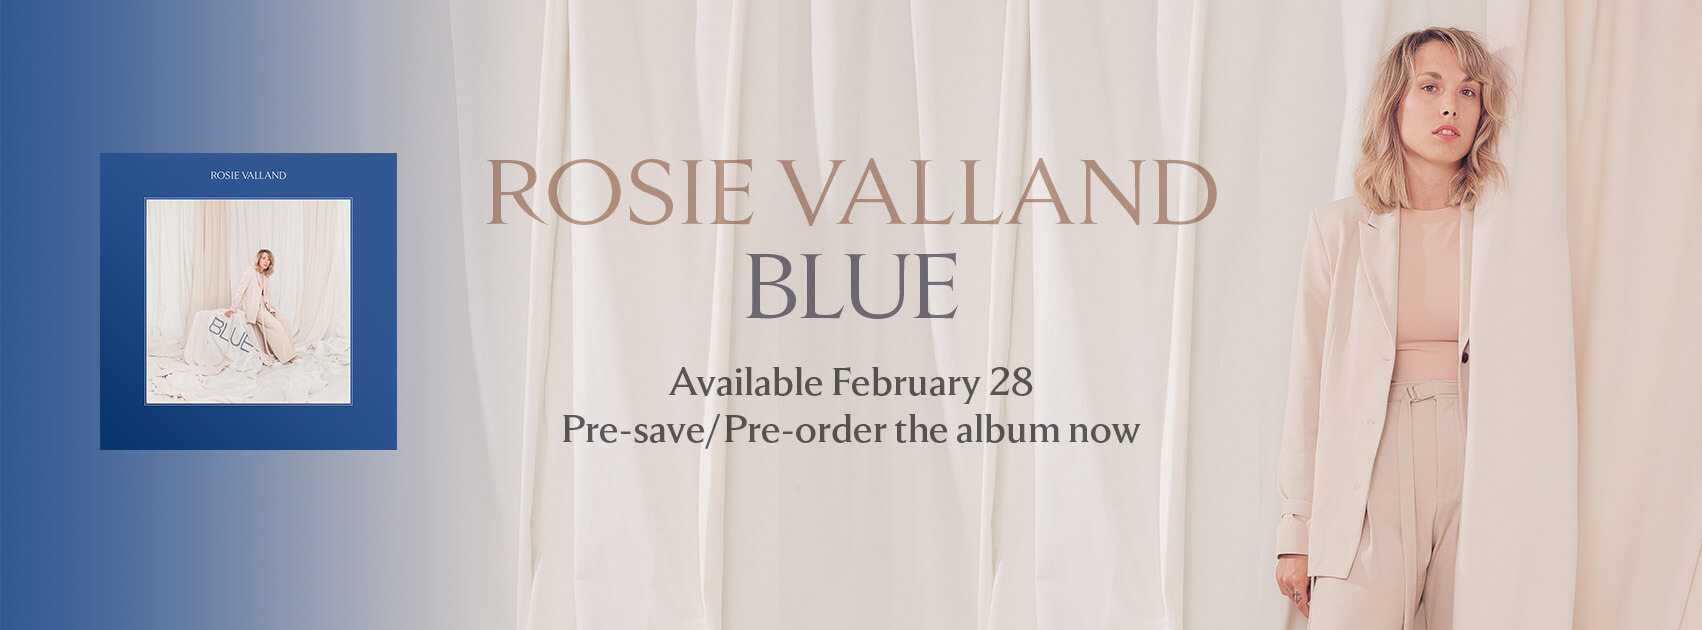 Rosie Valland BLUE